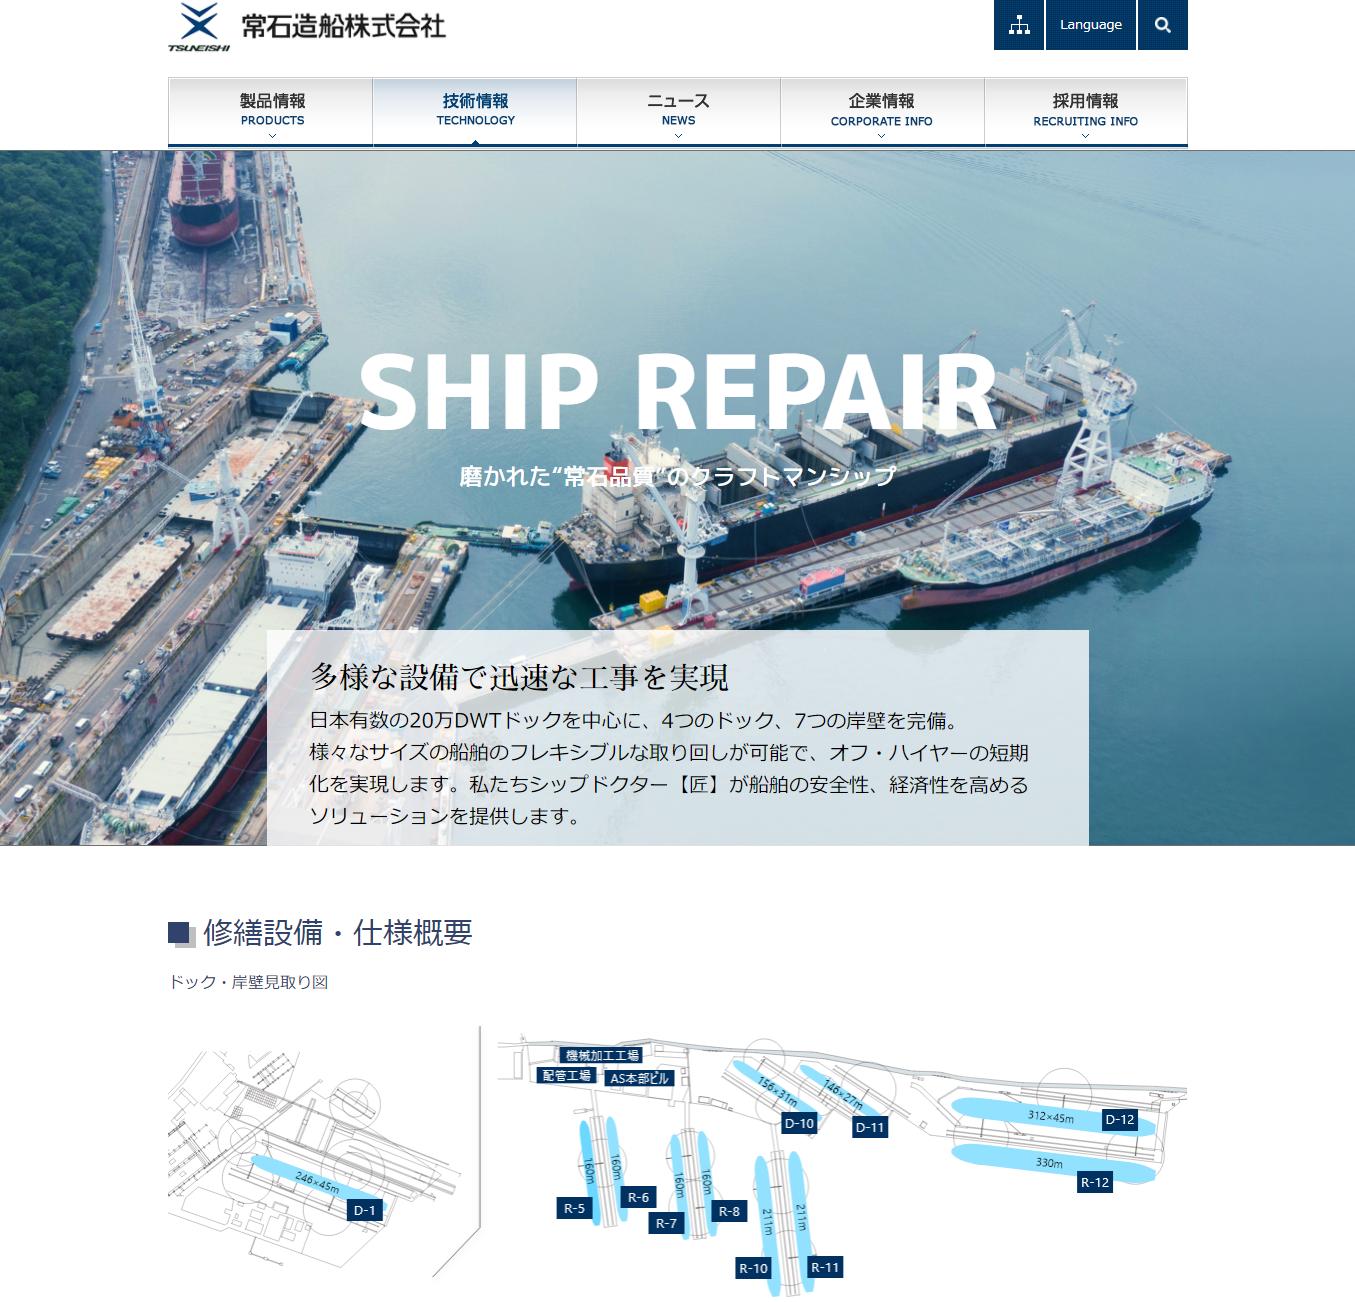 常石造船 修繕サービス紹介ページをリニューアル ~多様な工事実績と培われた修繕技術の品質を訴求~